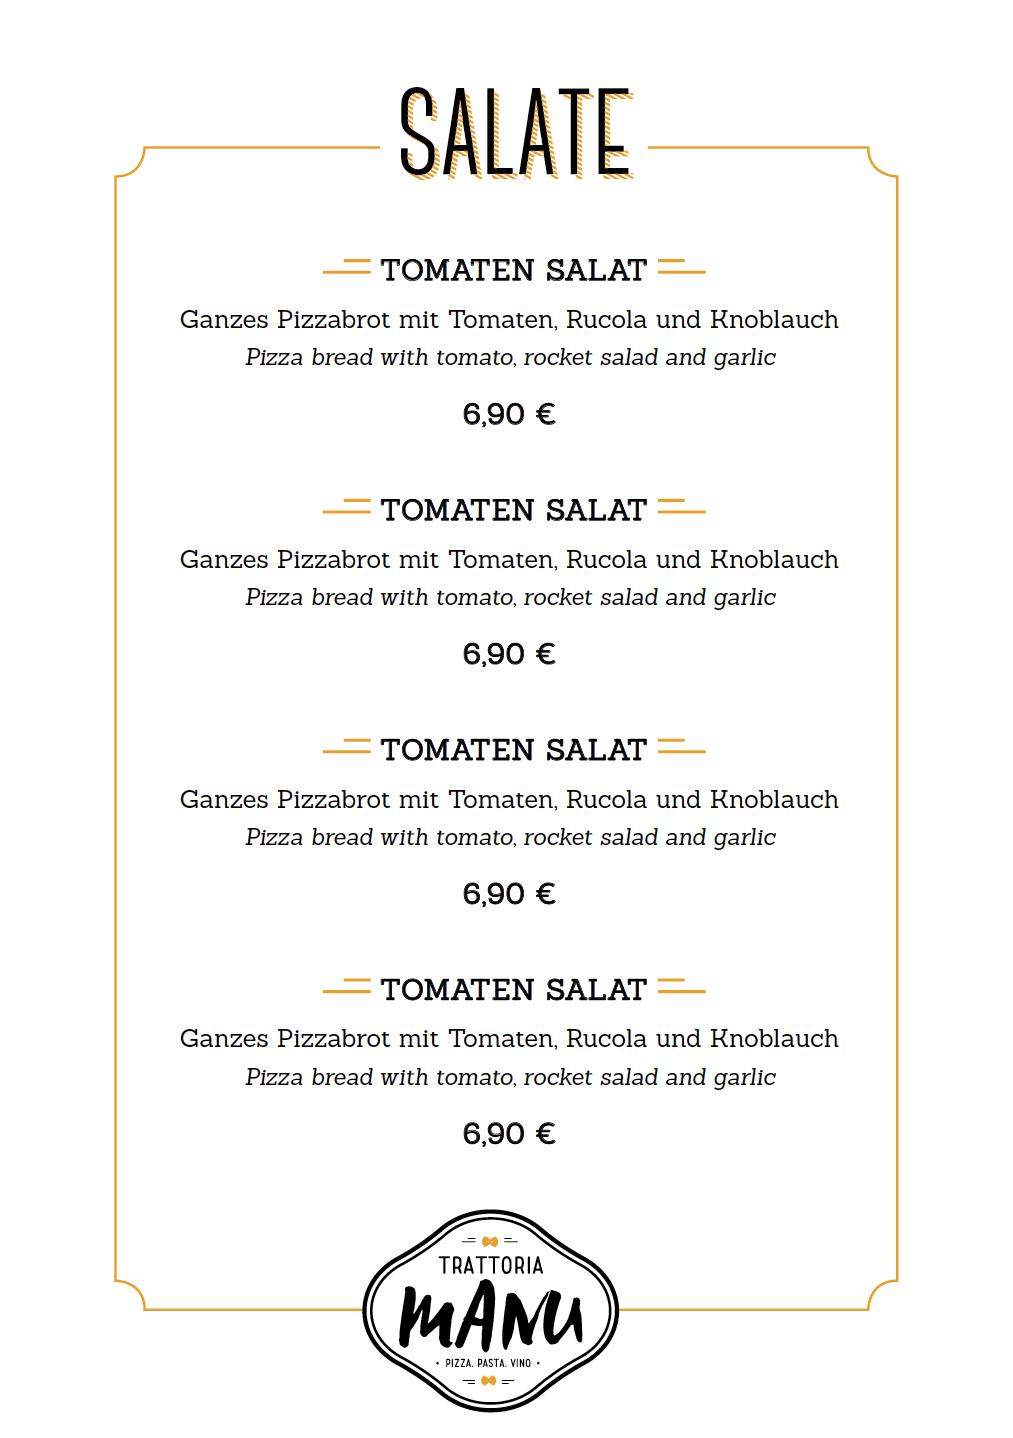 Speisekarten-Design für Trattoria